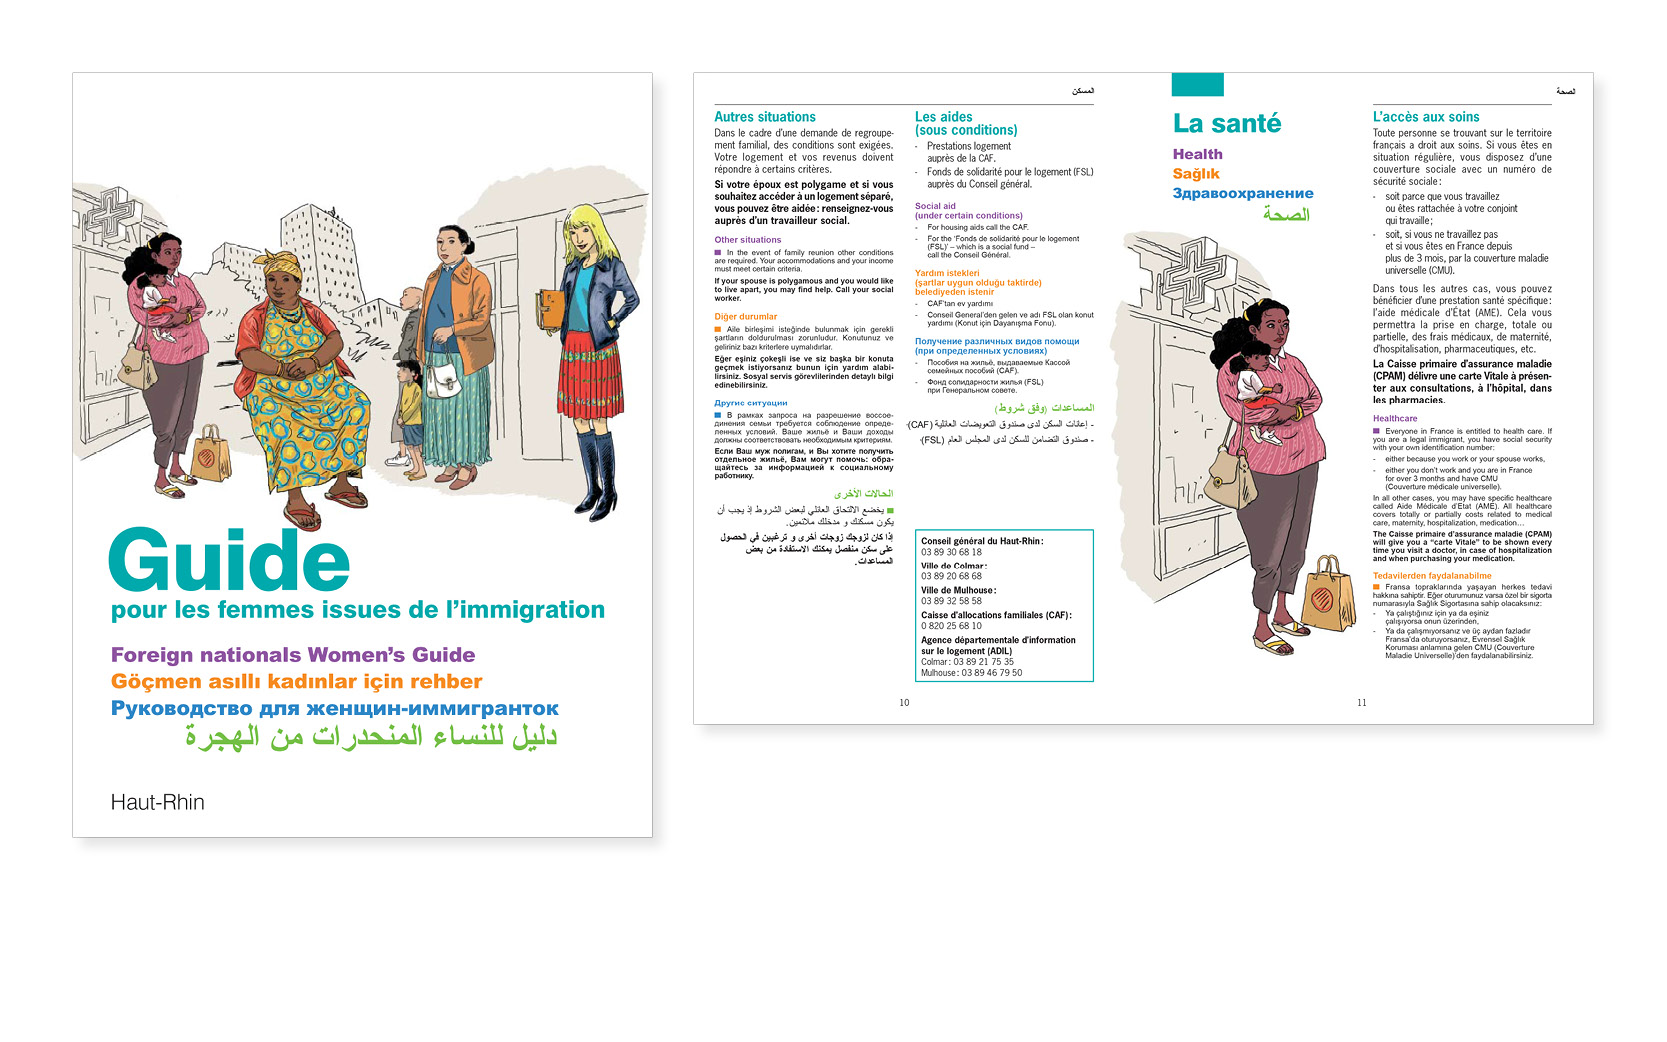 Mise en pages du Livret Haut-Rhin en 2011, et autres départements jusqu'en 2014, illustrations Nicolas Wintz.